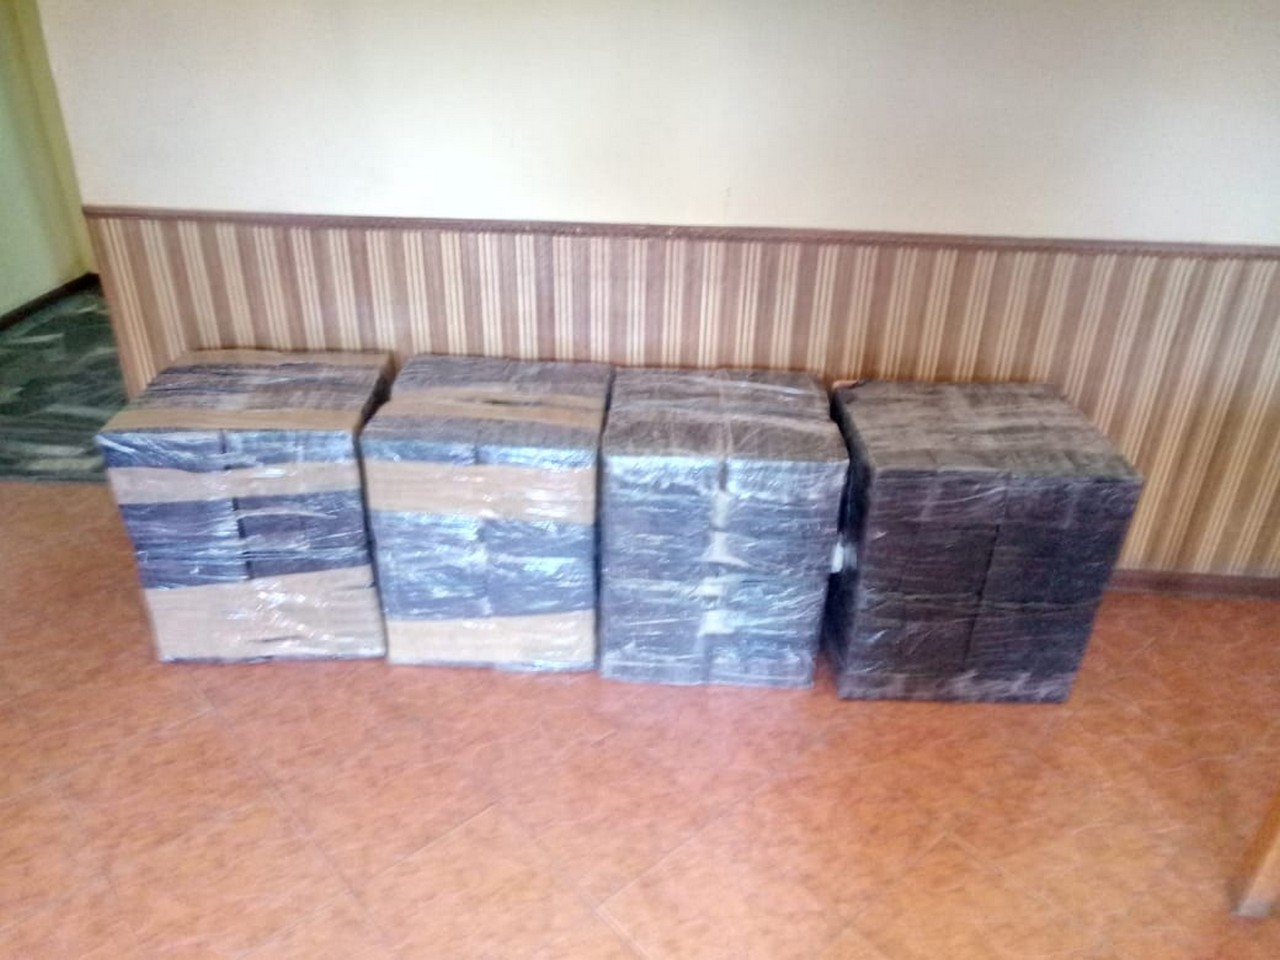 На українсько-румунському кордоні прикордонники припинили спробу переміщення через кордон 4000 пачок сигарет